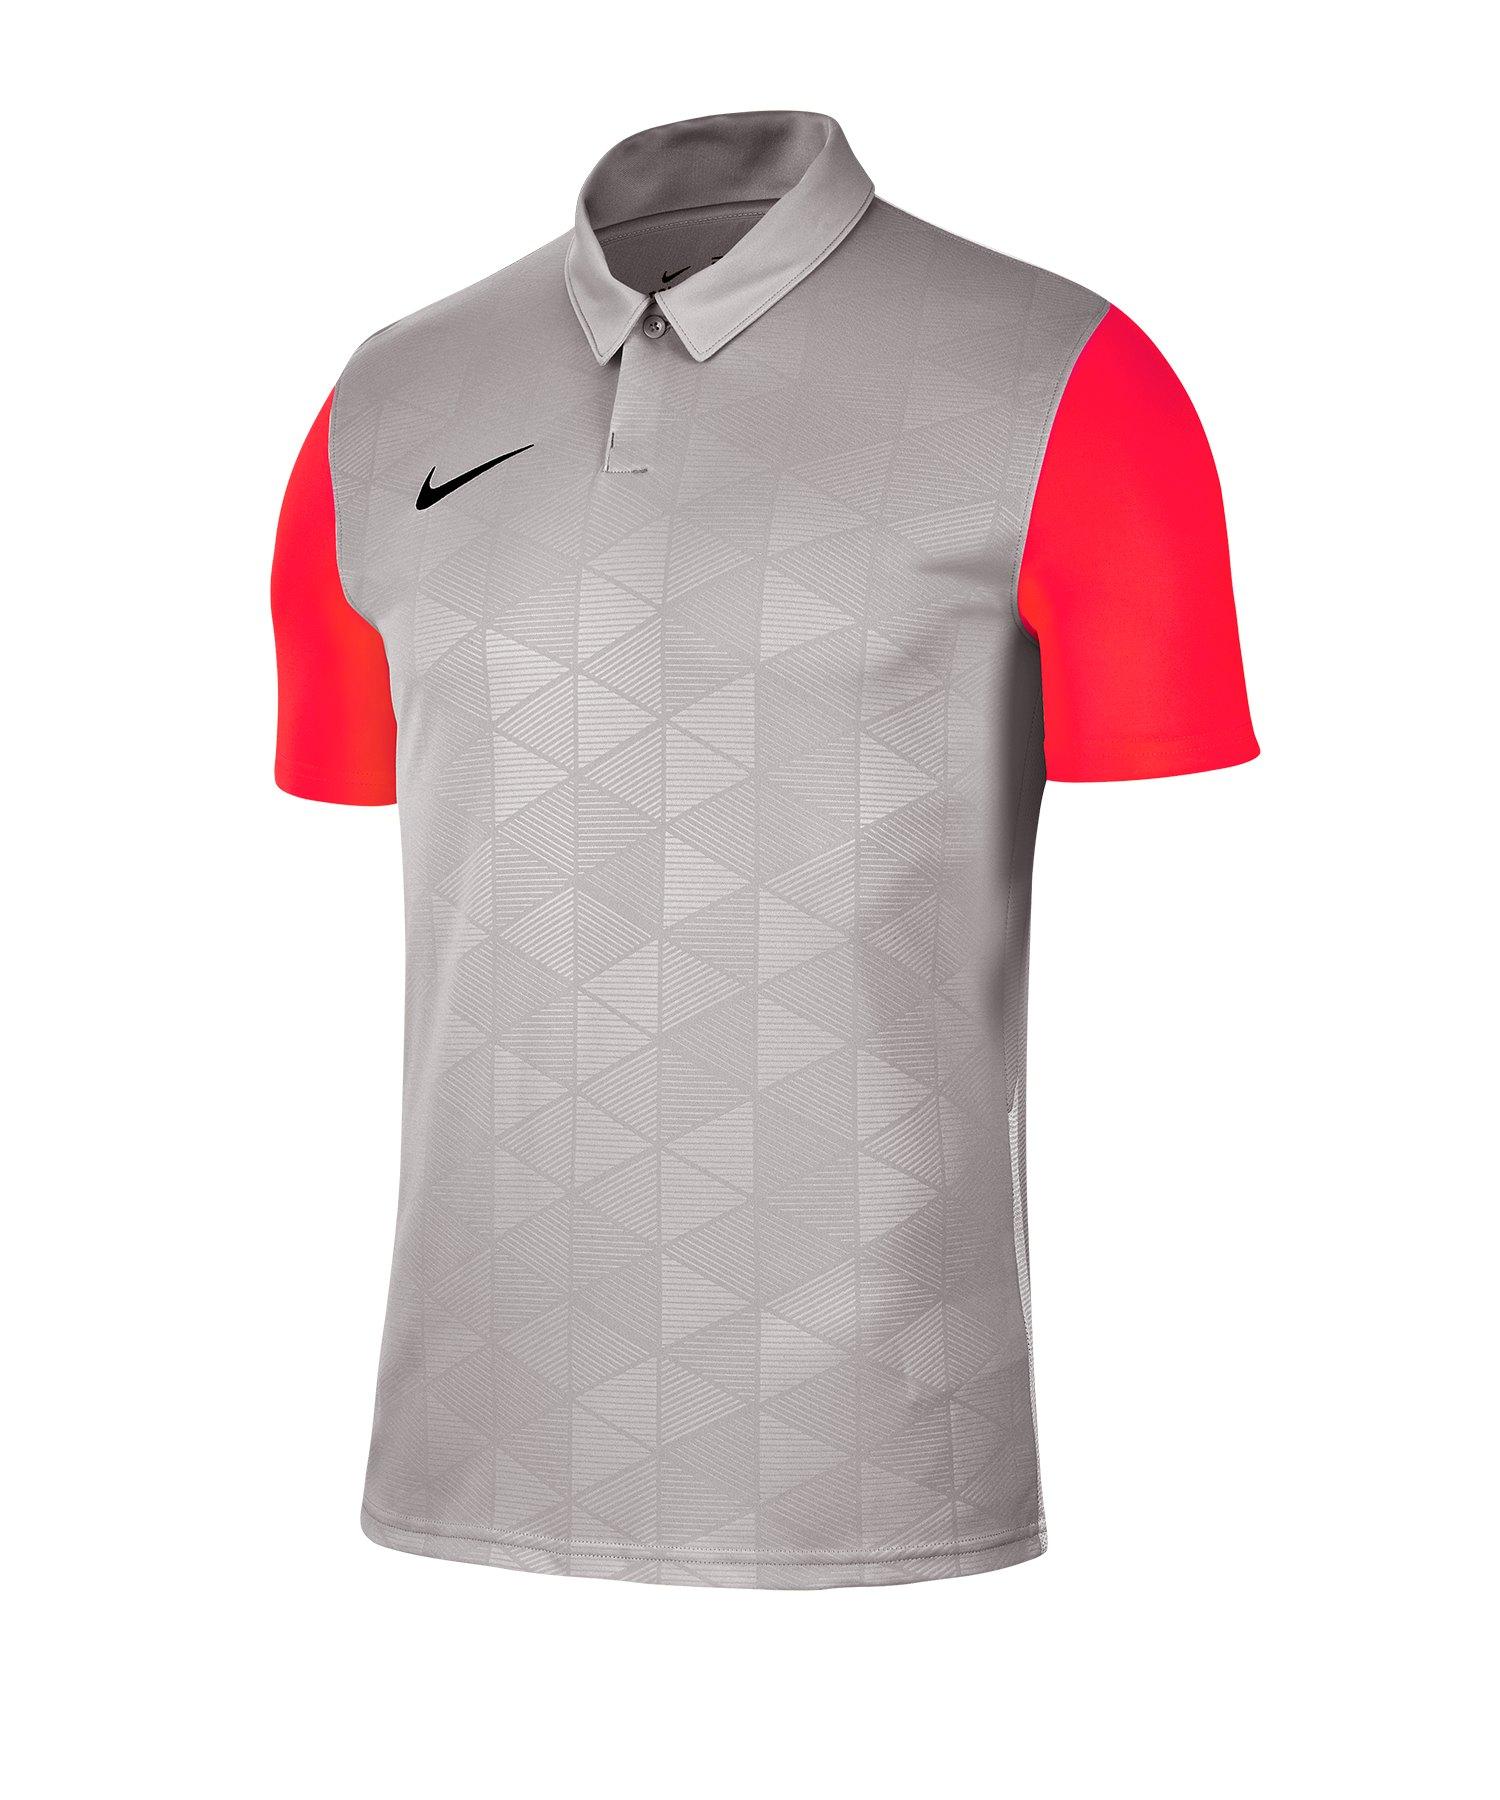 Nike Trophy IV Trikot kurzarm Grau F053 - grau